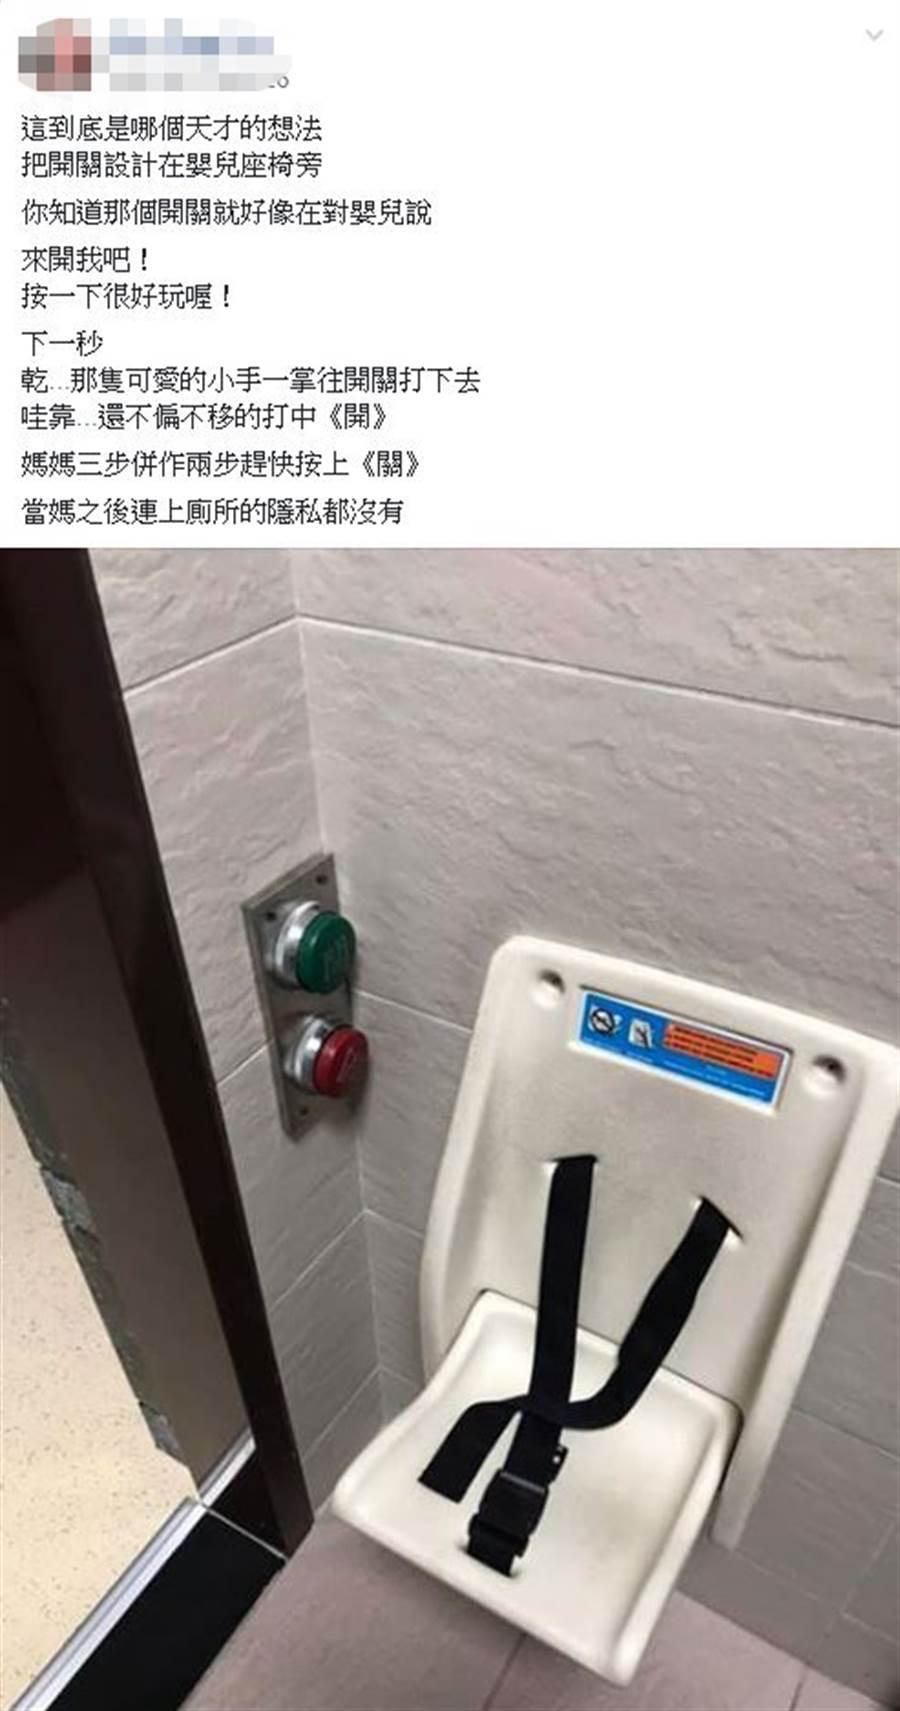 亲子厕所设计差 妈妈如厕险走光超尴尬